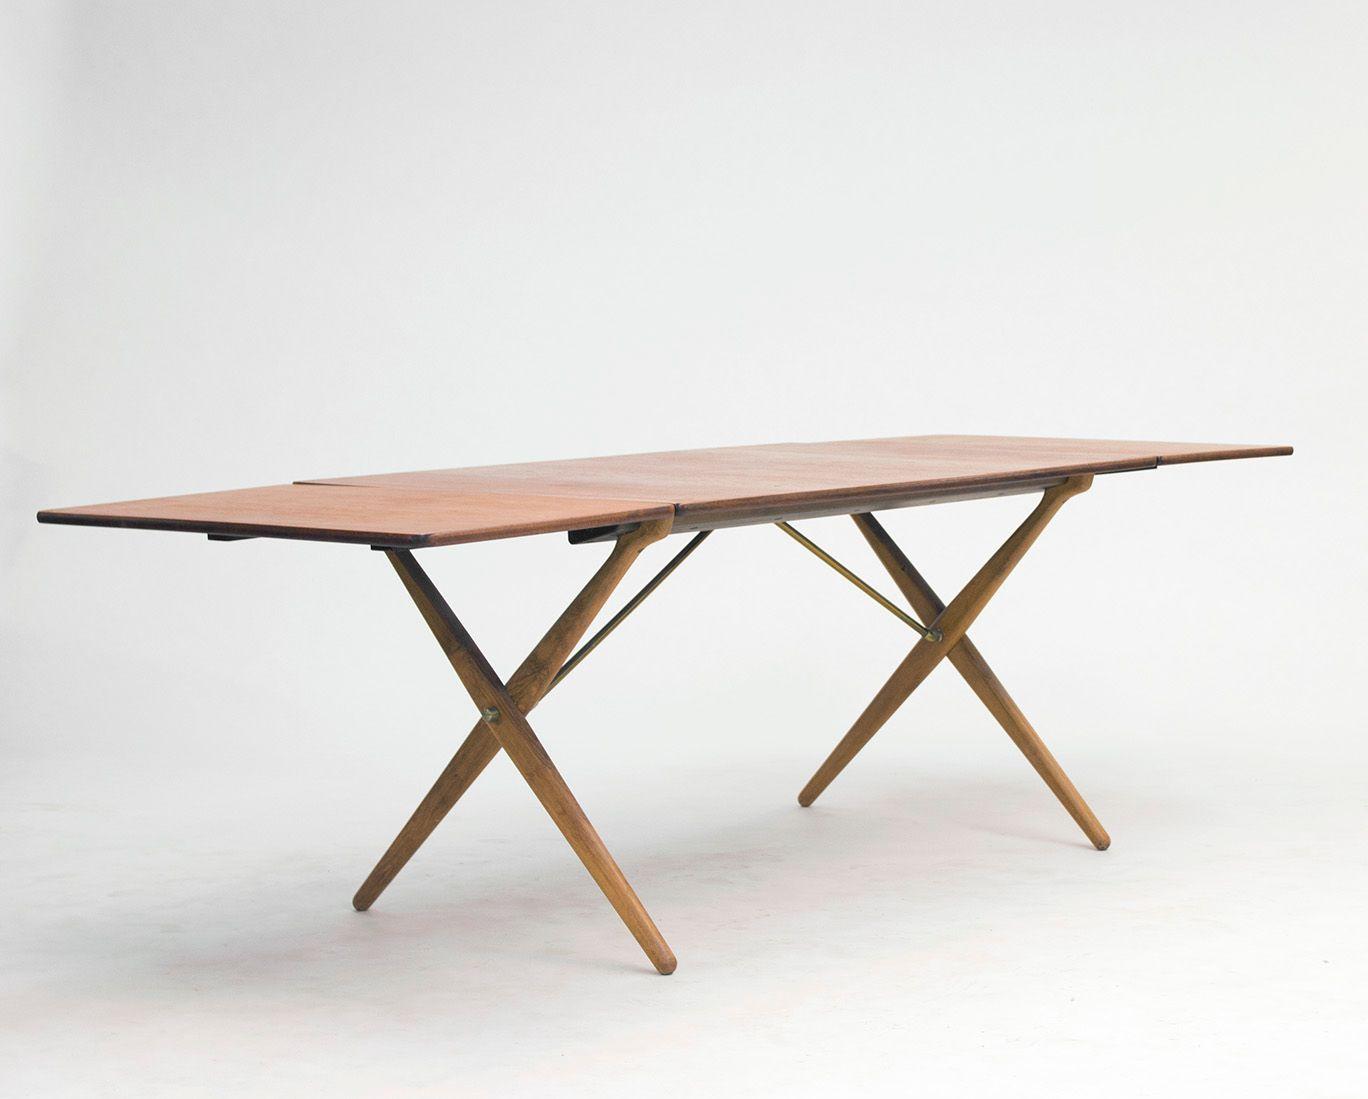 Table de salle manger en teck et ch ne avec pieds for Salle a manger table en teck